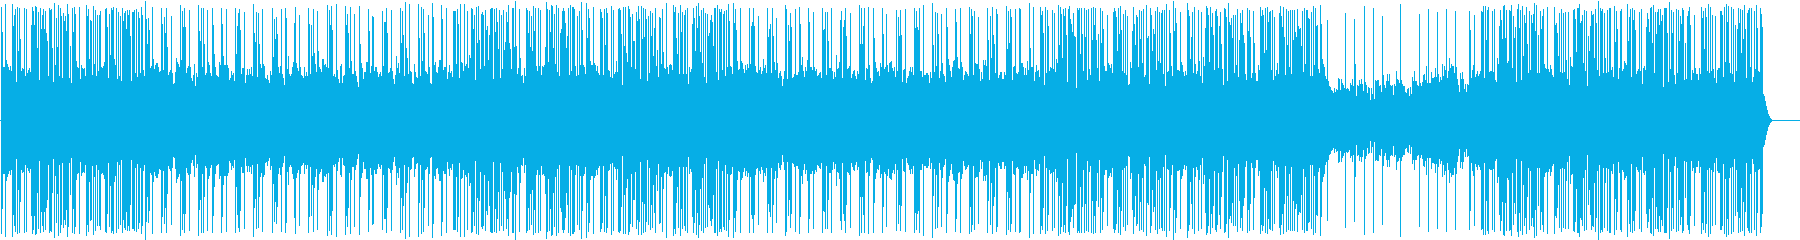 ピアノループ/ブラス/ビート/ダーク#2の再生済みの波形